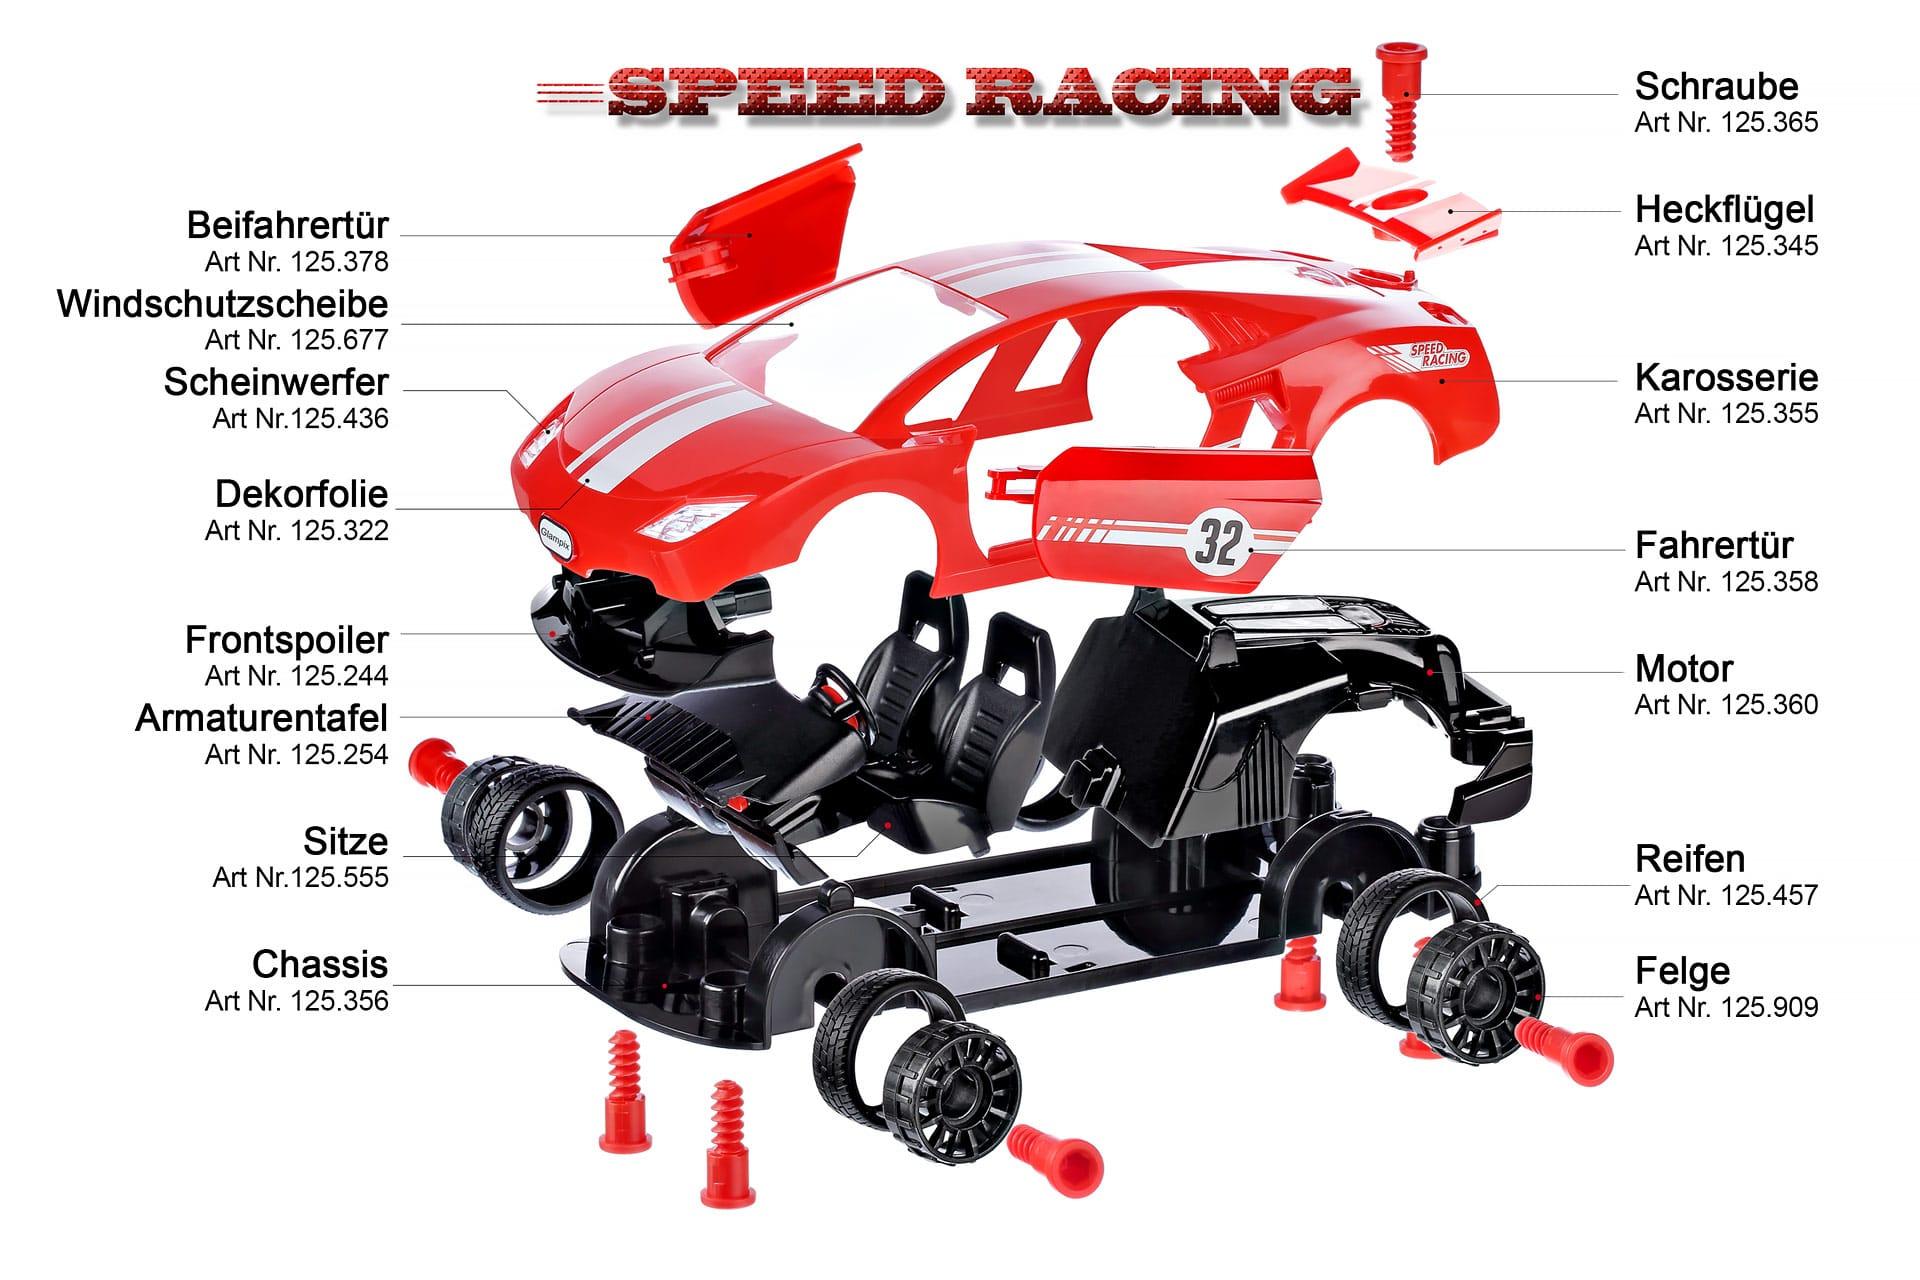 Produktfotografie von Explosionsbild Rennwagen Ersatzteilkatalog Einzelteile